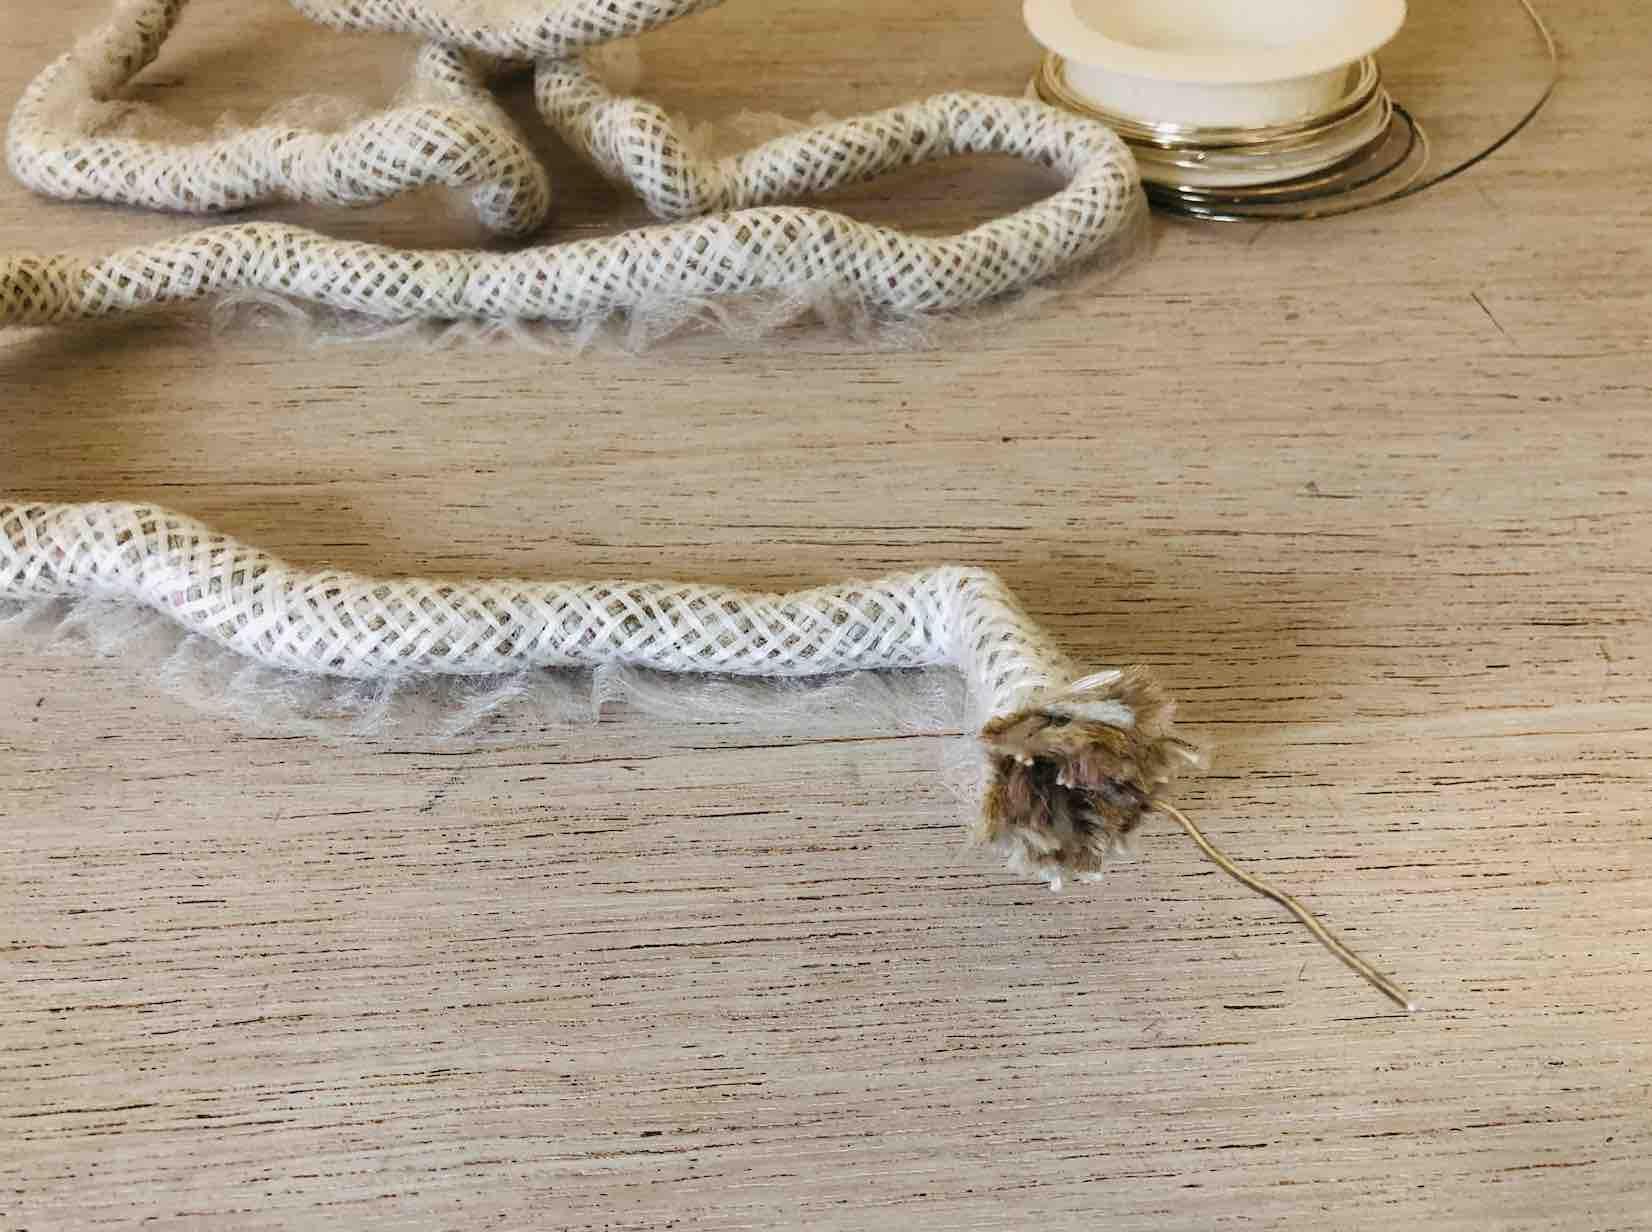 Inserire il filo metallico all'interno del cordone